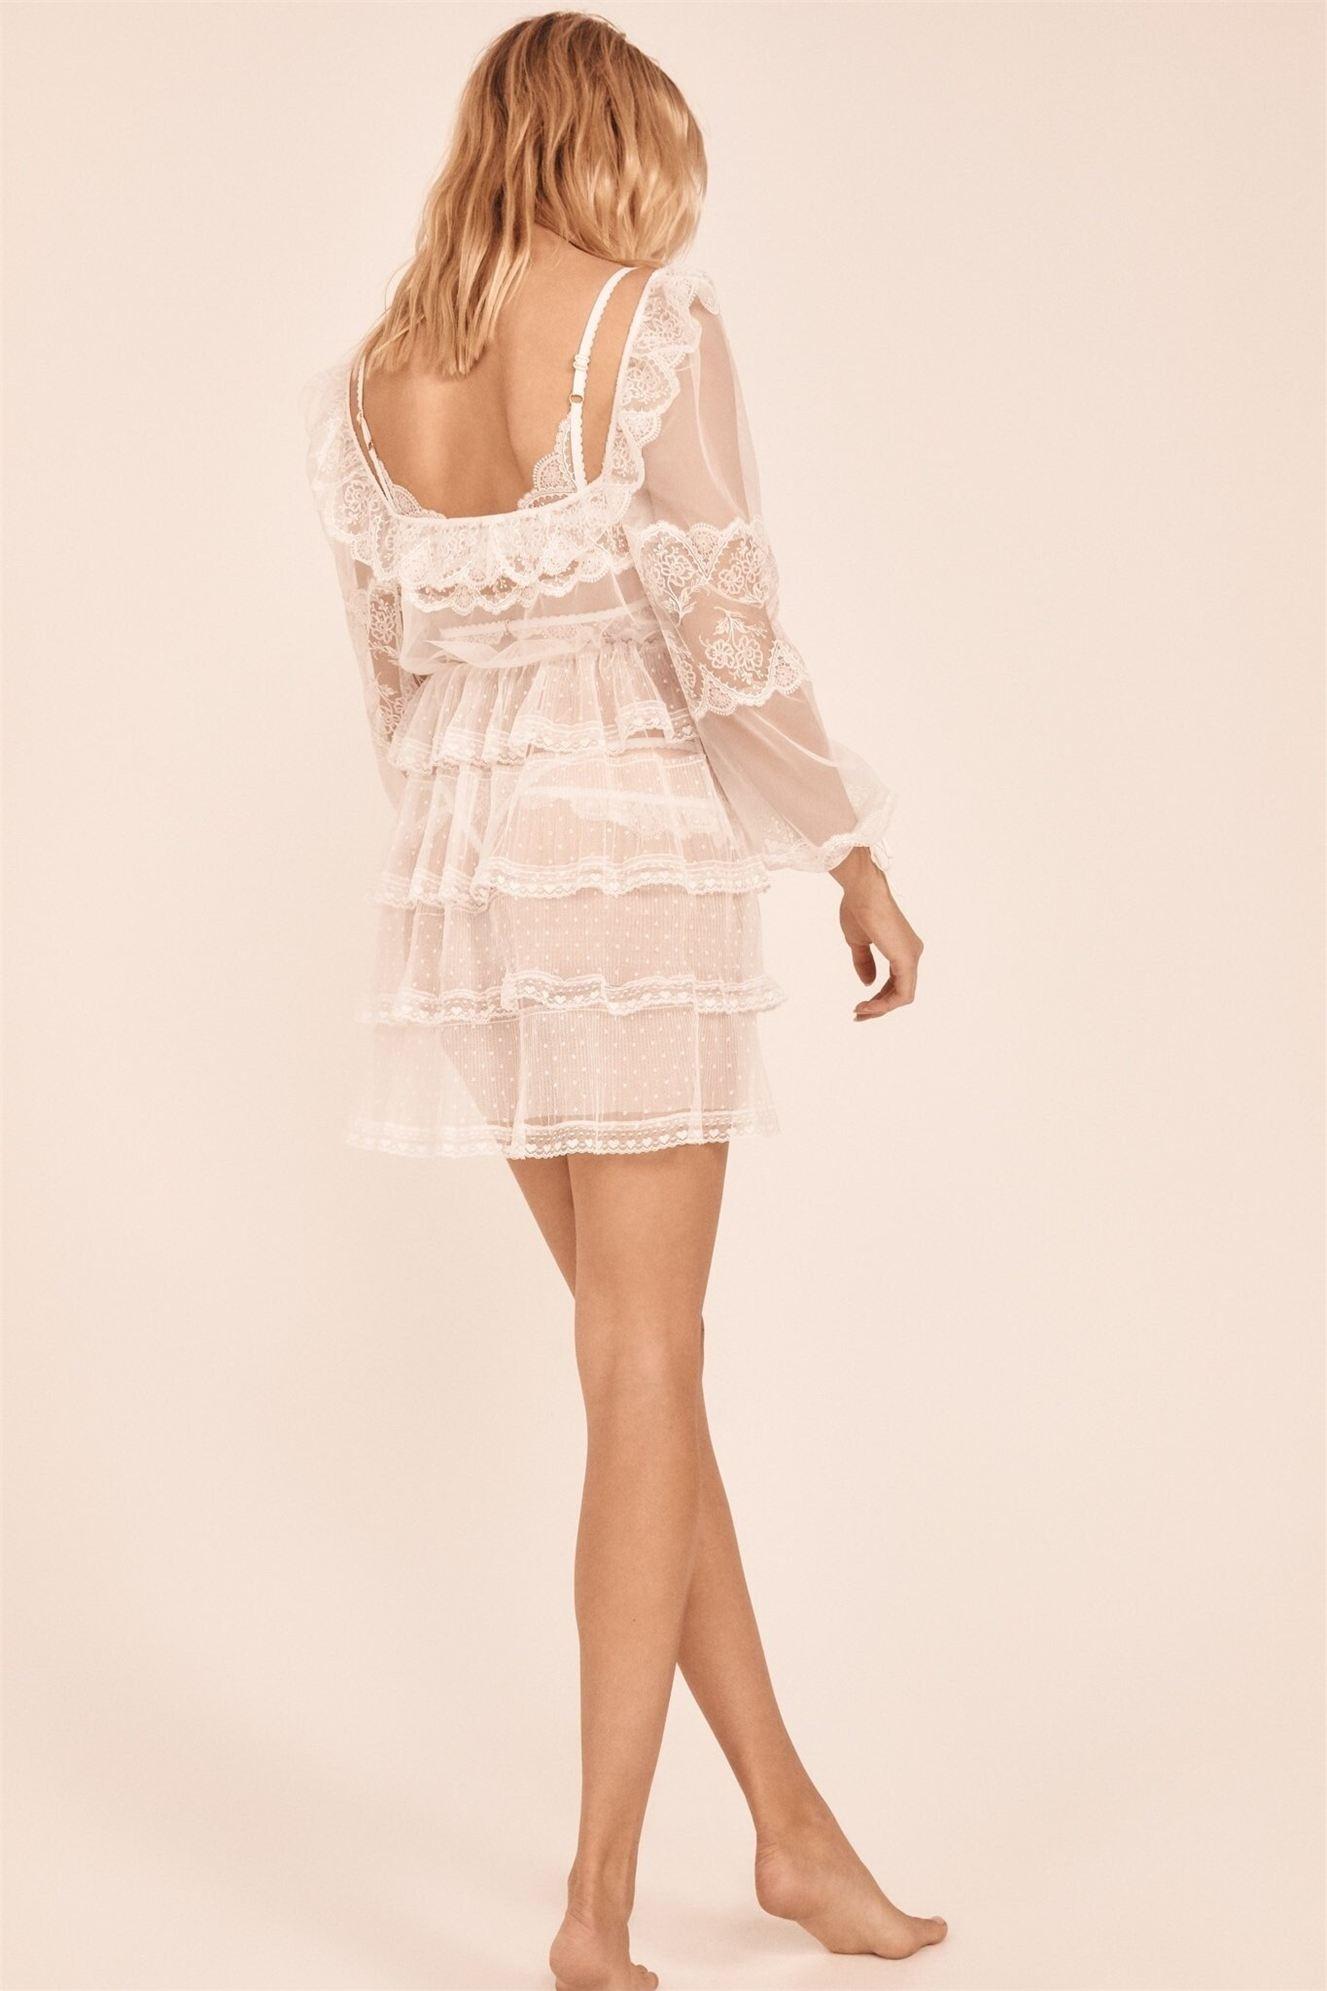 Хейли Клоусон в новой модной коллекции нижнего белья / фото 25